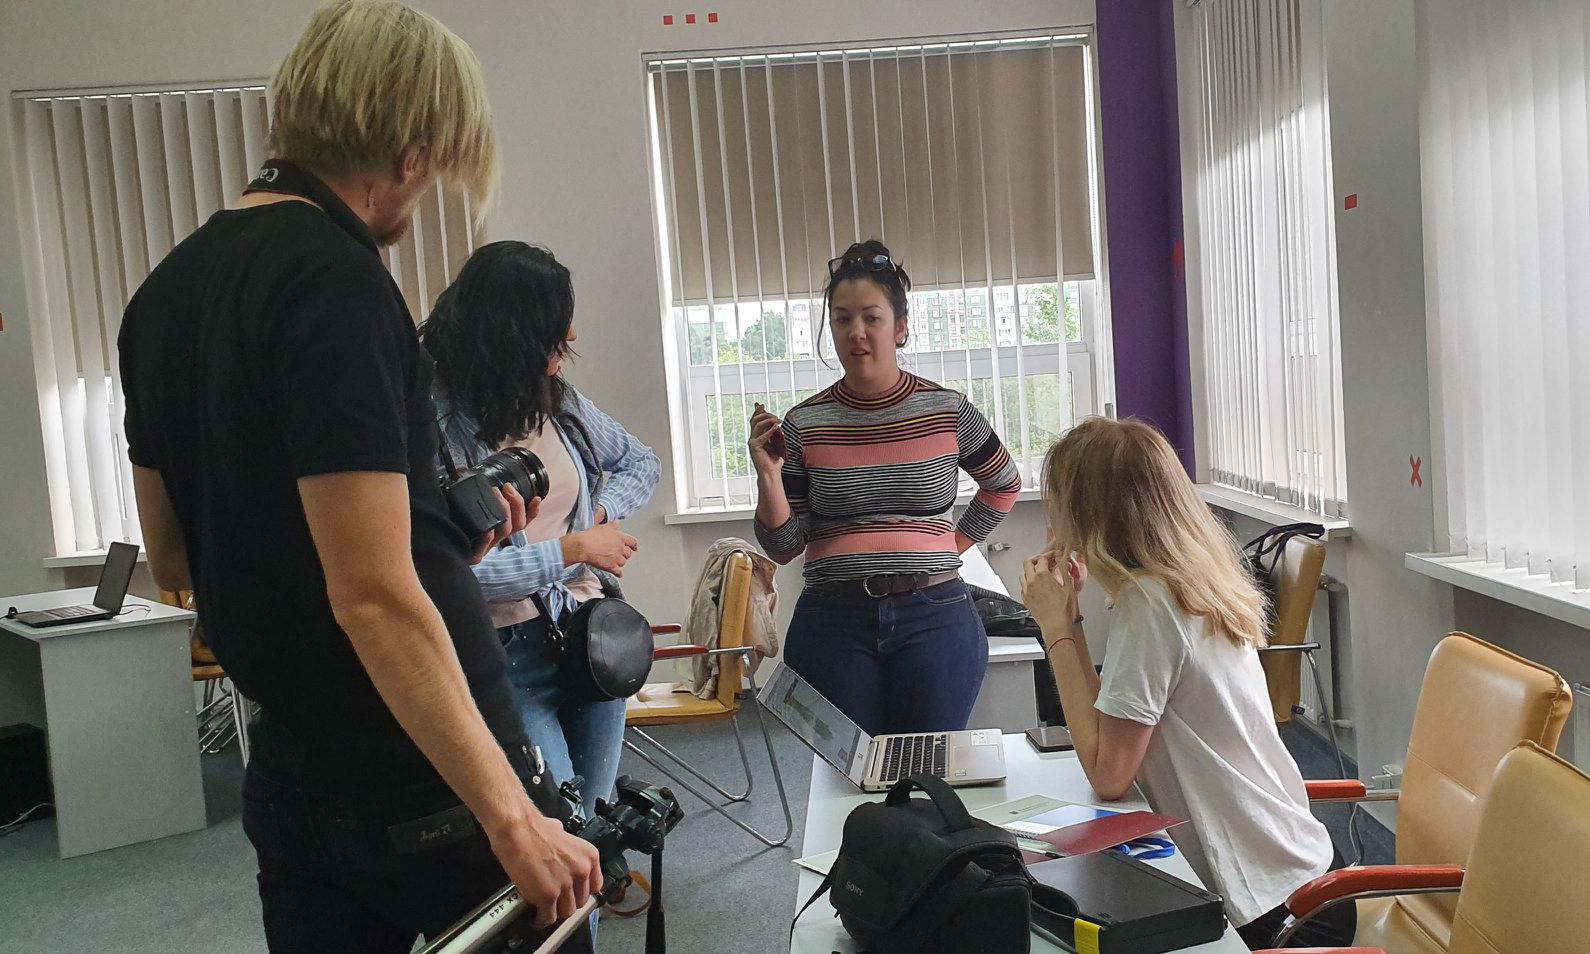 TeilnehmerInnen der International School of Multimedia Journalism 2019 in einem Klassenzimmer diskutieren während der Projektarbeit.